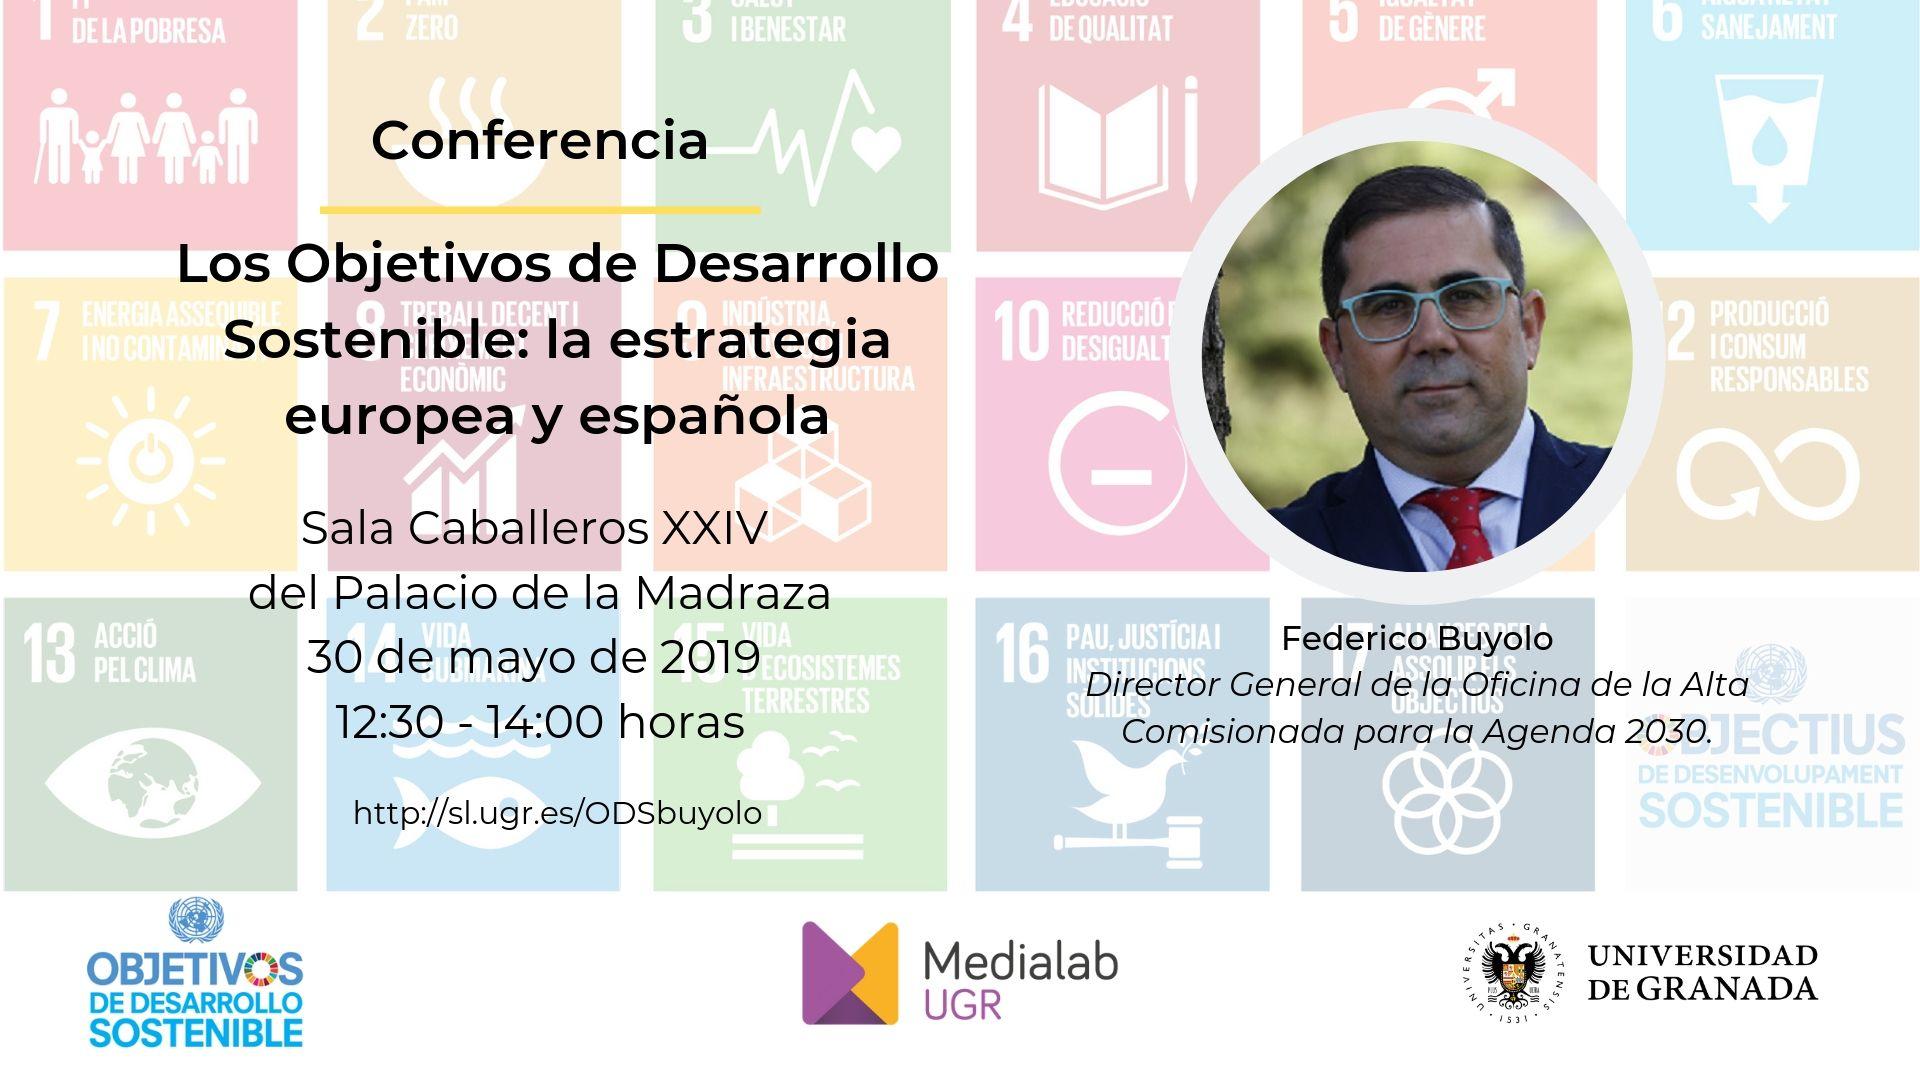 """Conferencia de Federico Buyolo """"Los Objetivos de Desarrollo Sostenible: la estrategia europea y española"""""""